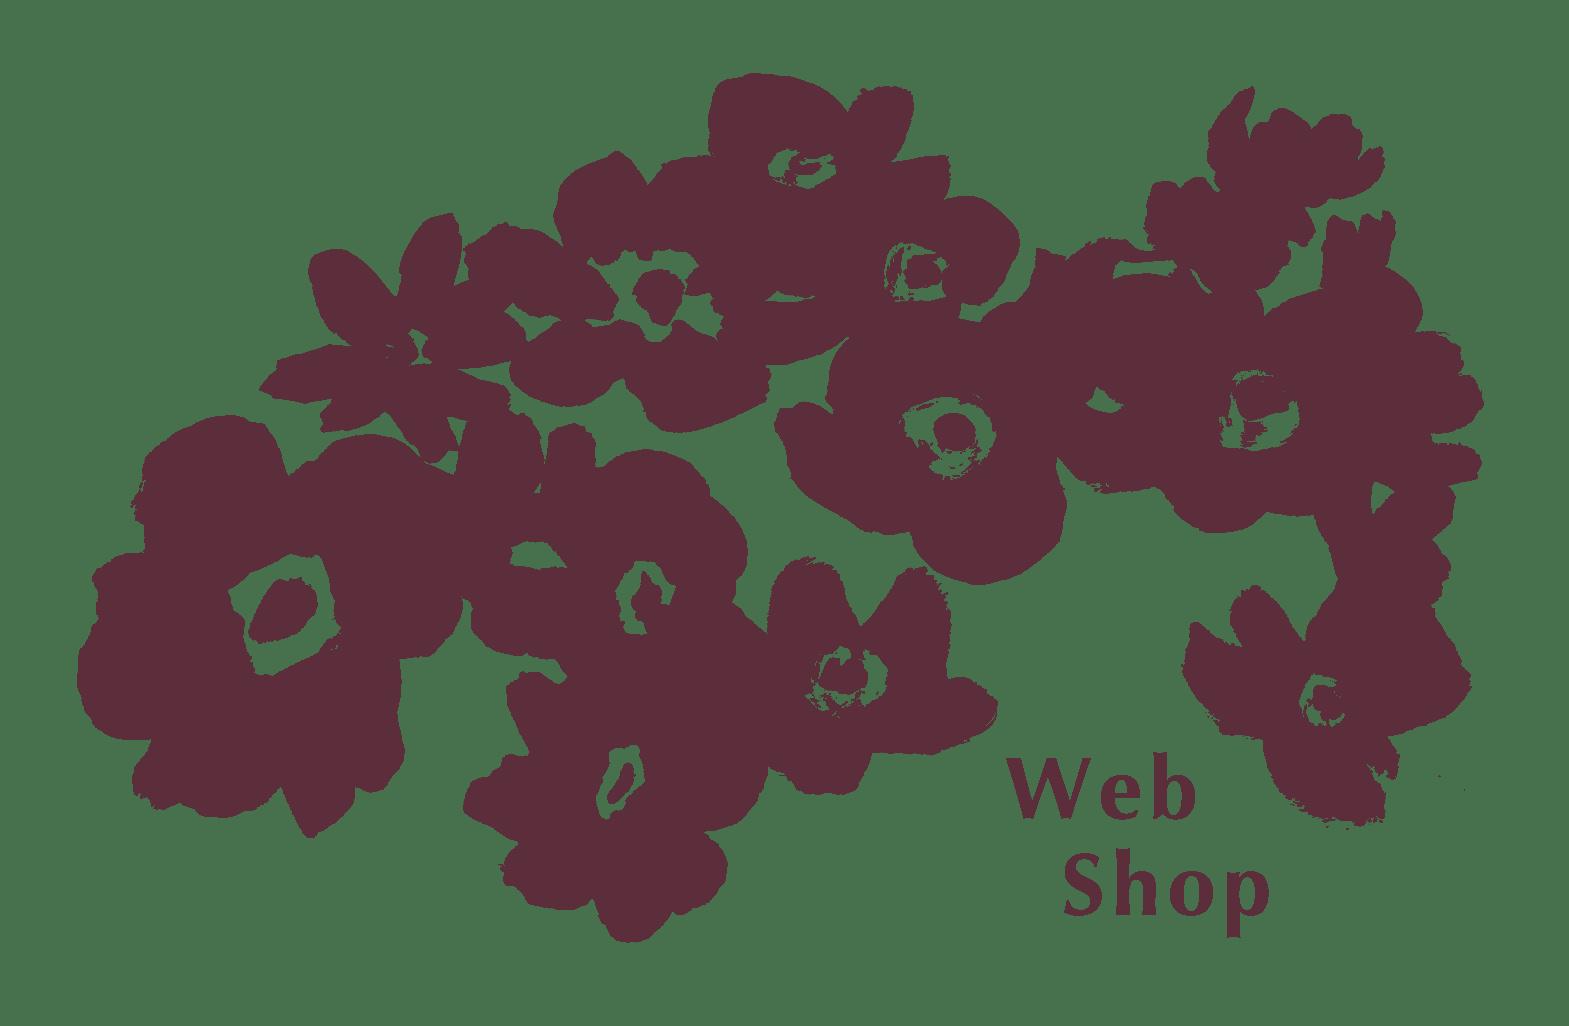 春夏秋冬 秋 みちる Web SHOP